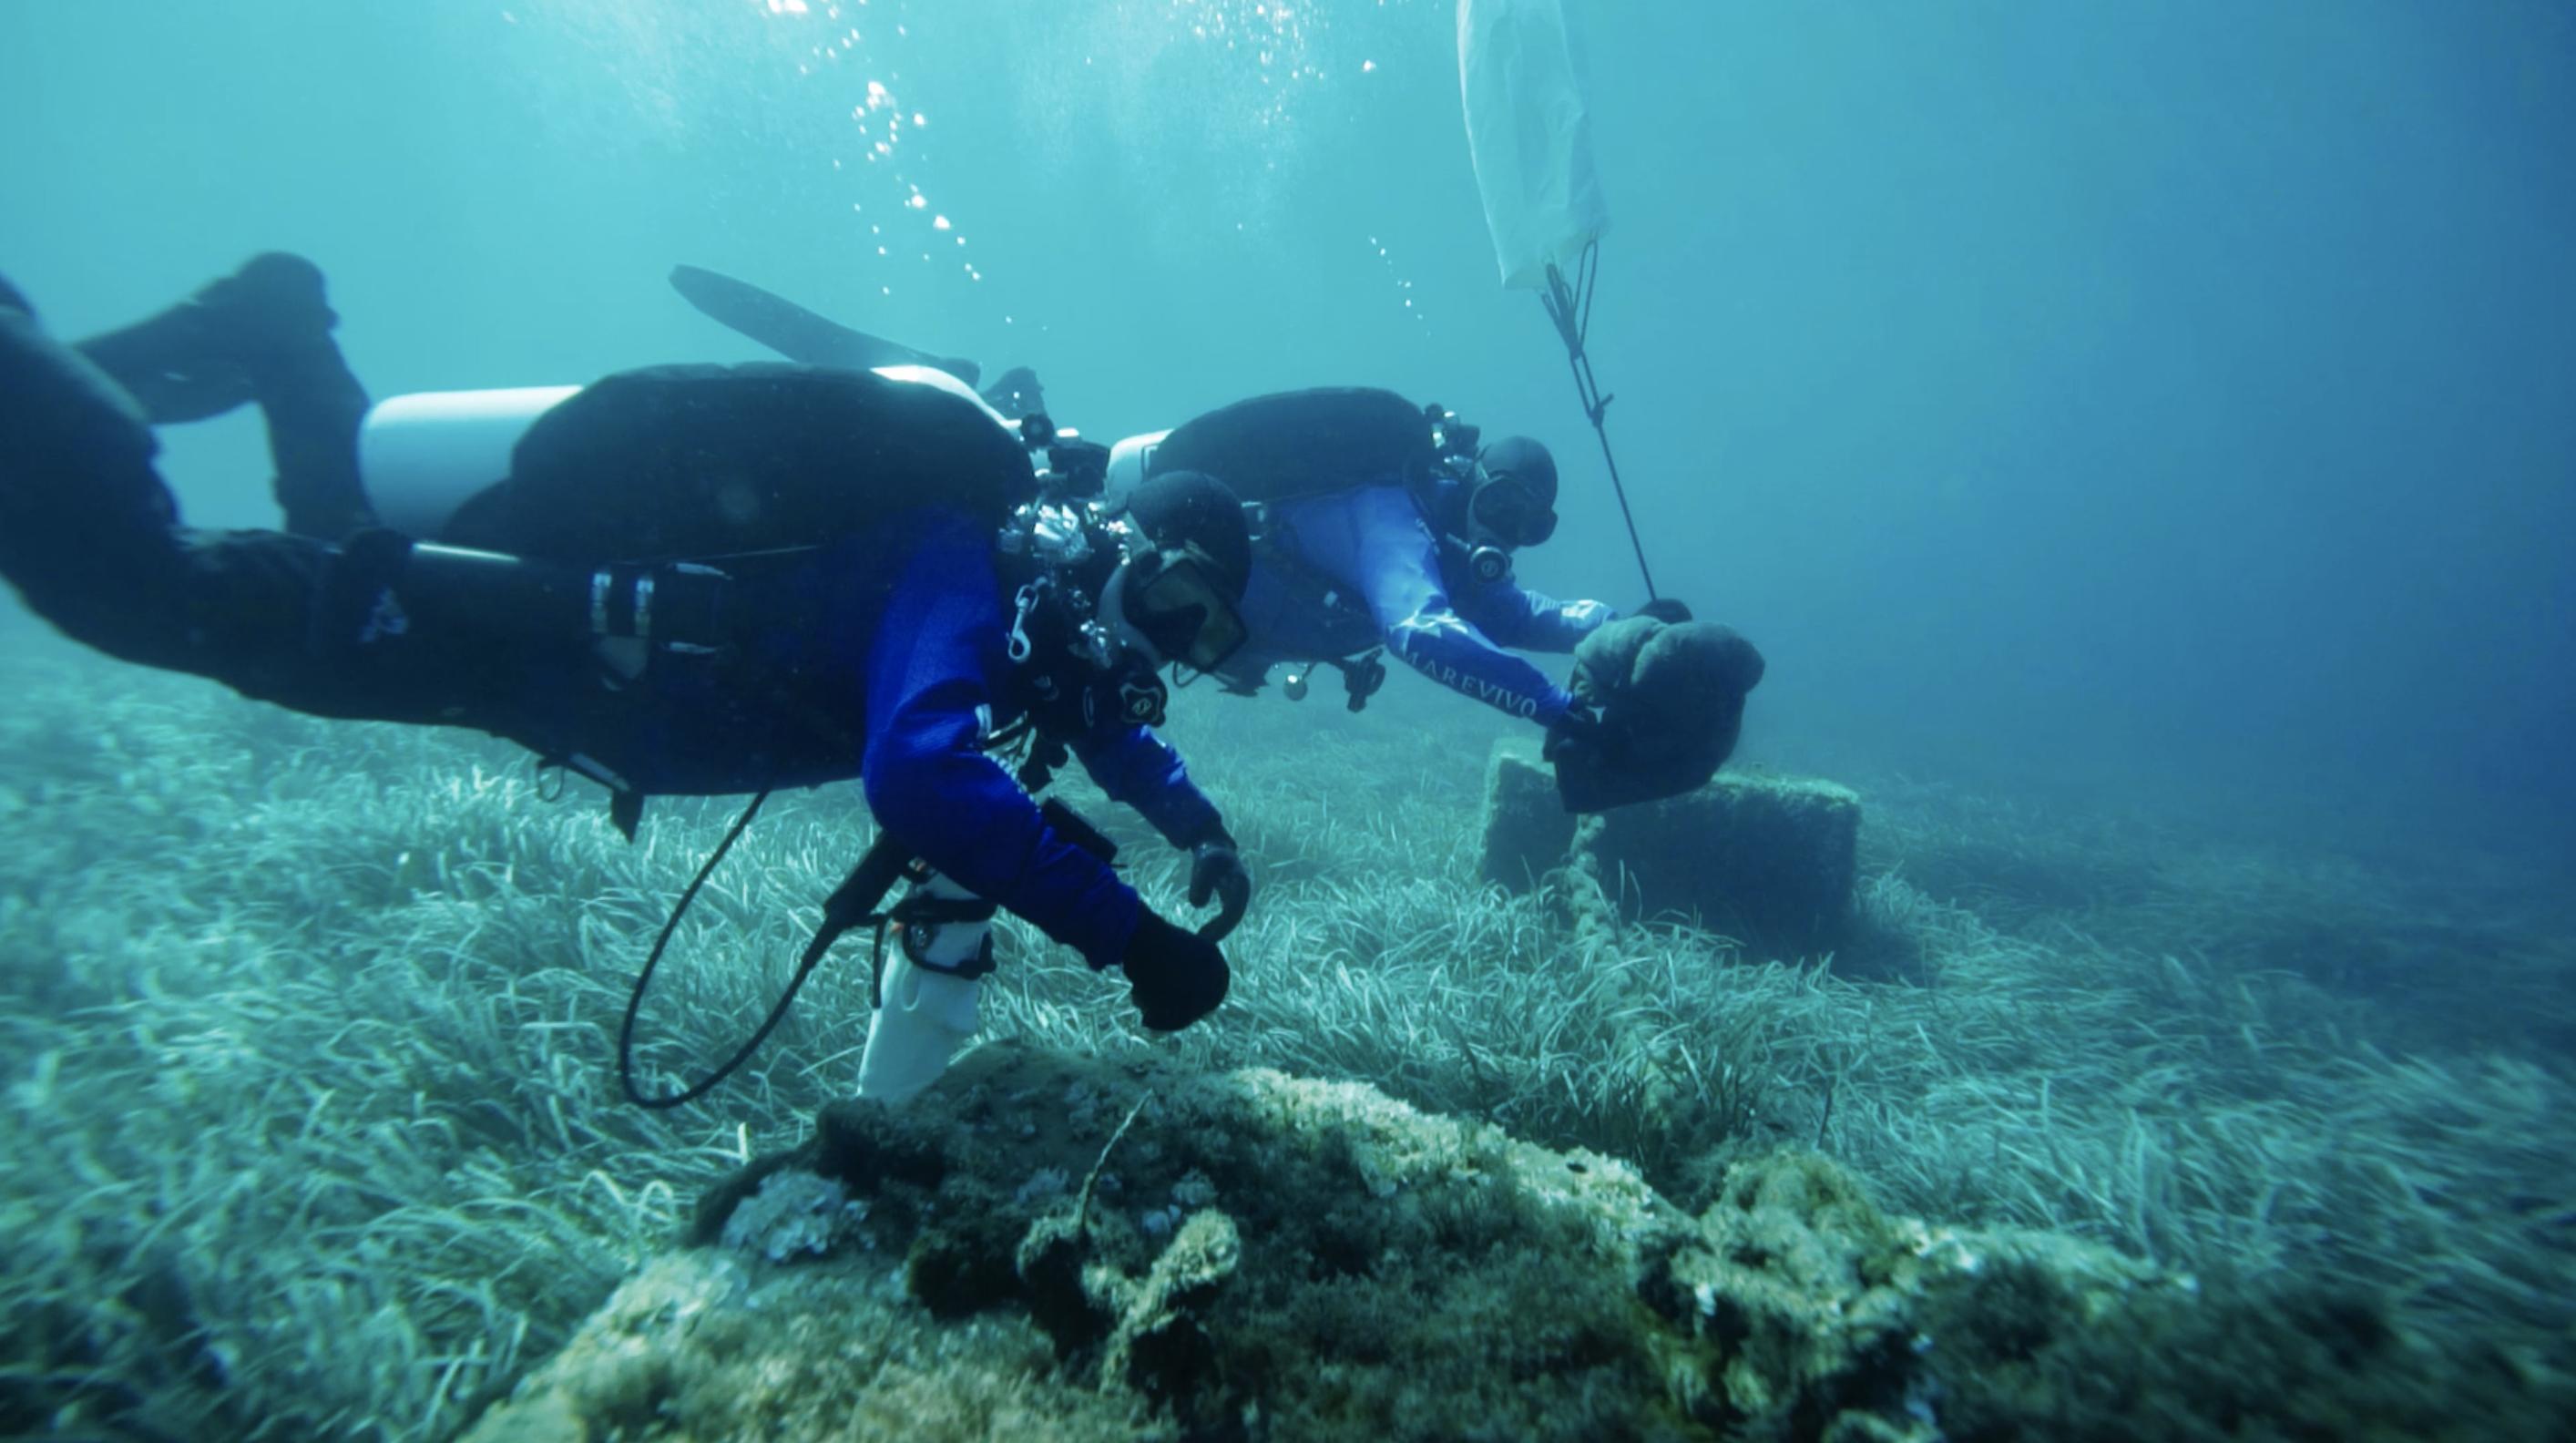 Capraia, Marevivo bonifica oltre 3500 m² di fondali marini. Recuperate 2 tonnellate di rifiuti